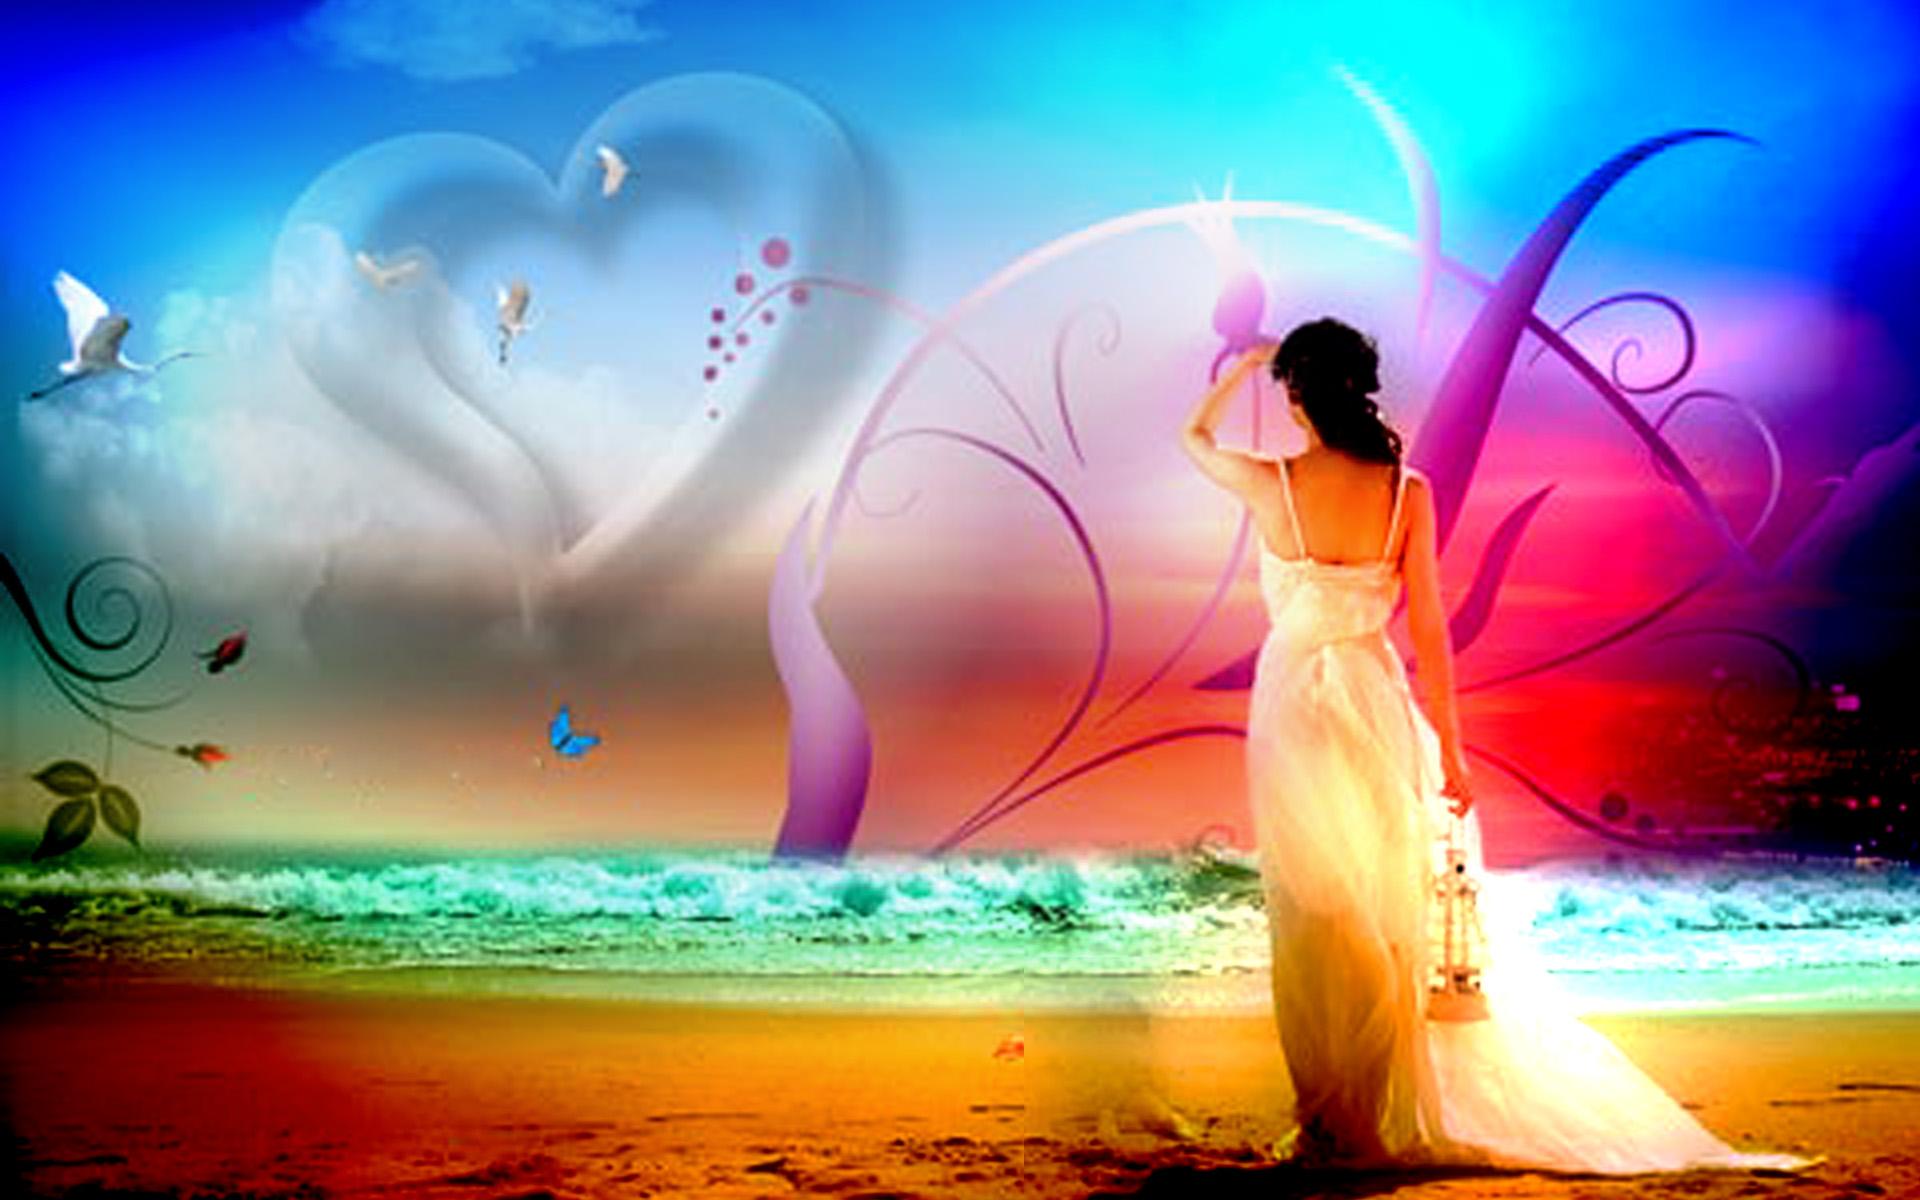 Romantic Full Hd Wallpaper Beraplan